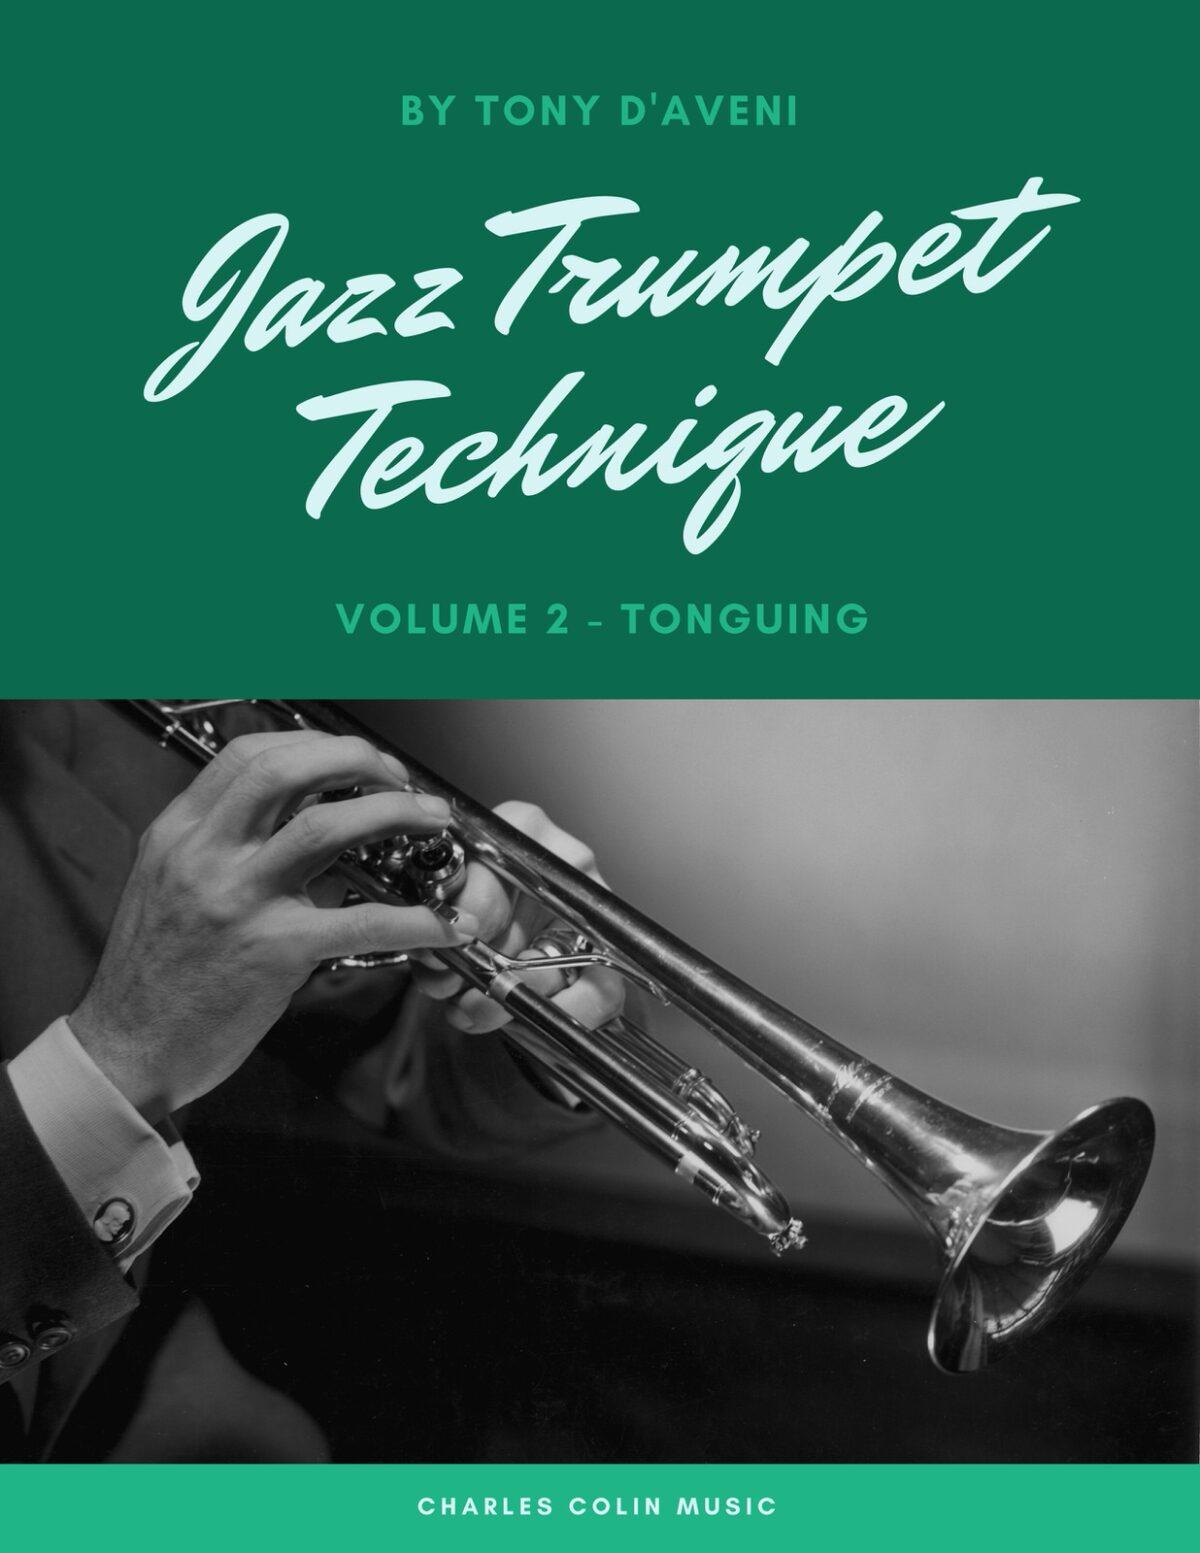 D'Aveni, Jazz Trumpet Technique Vol.2 Tonguing-p01